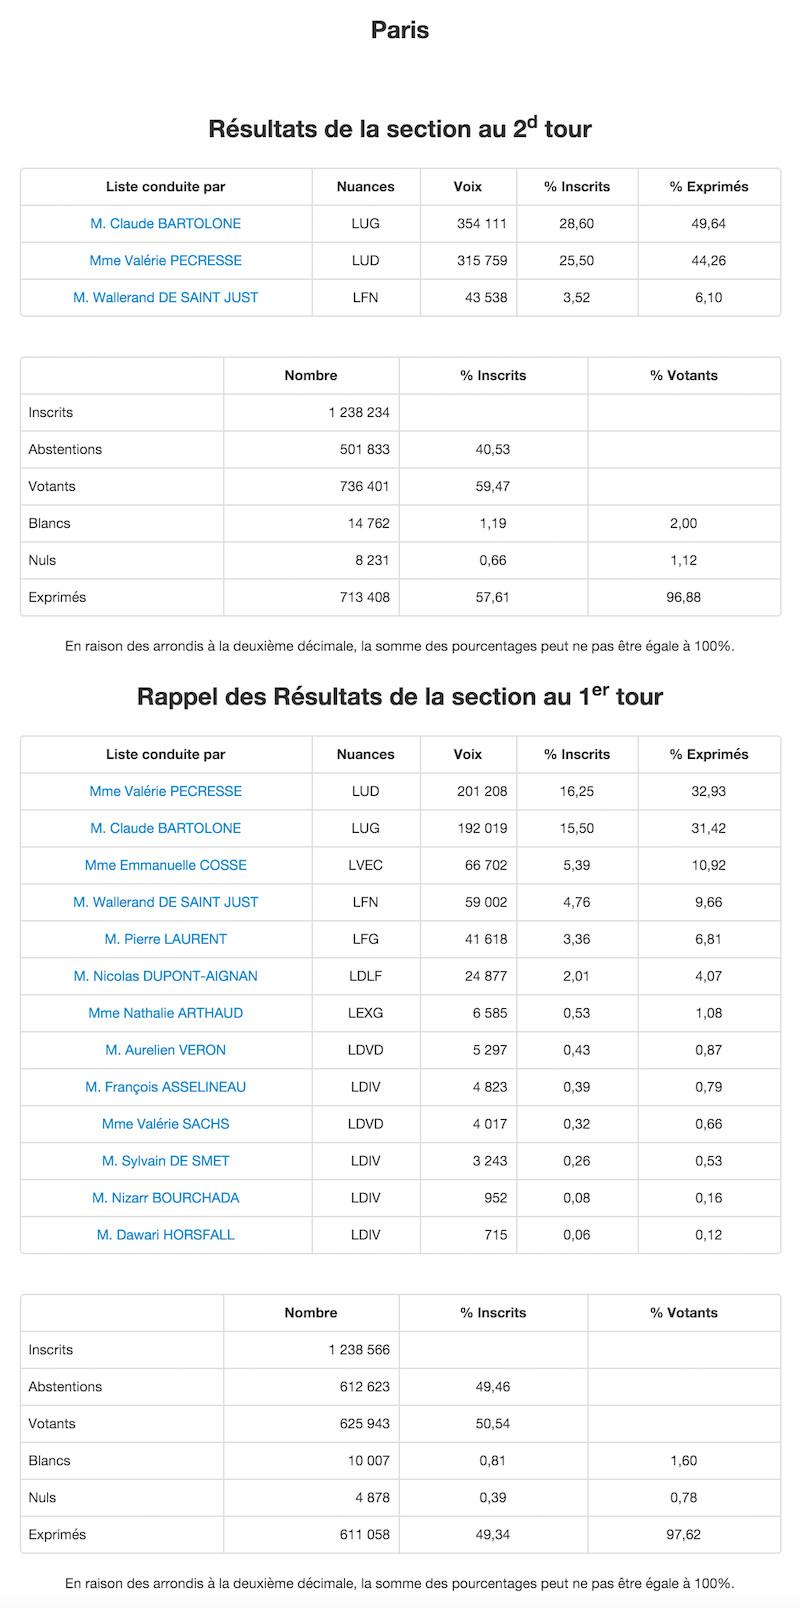 Régionales 2015 et 2010 dans le 15e arrondissement de Paris